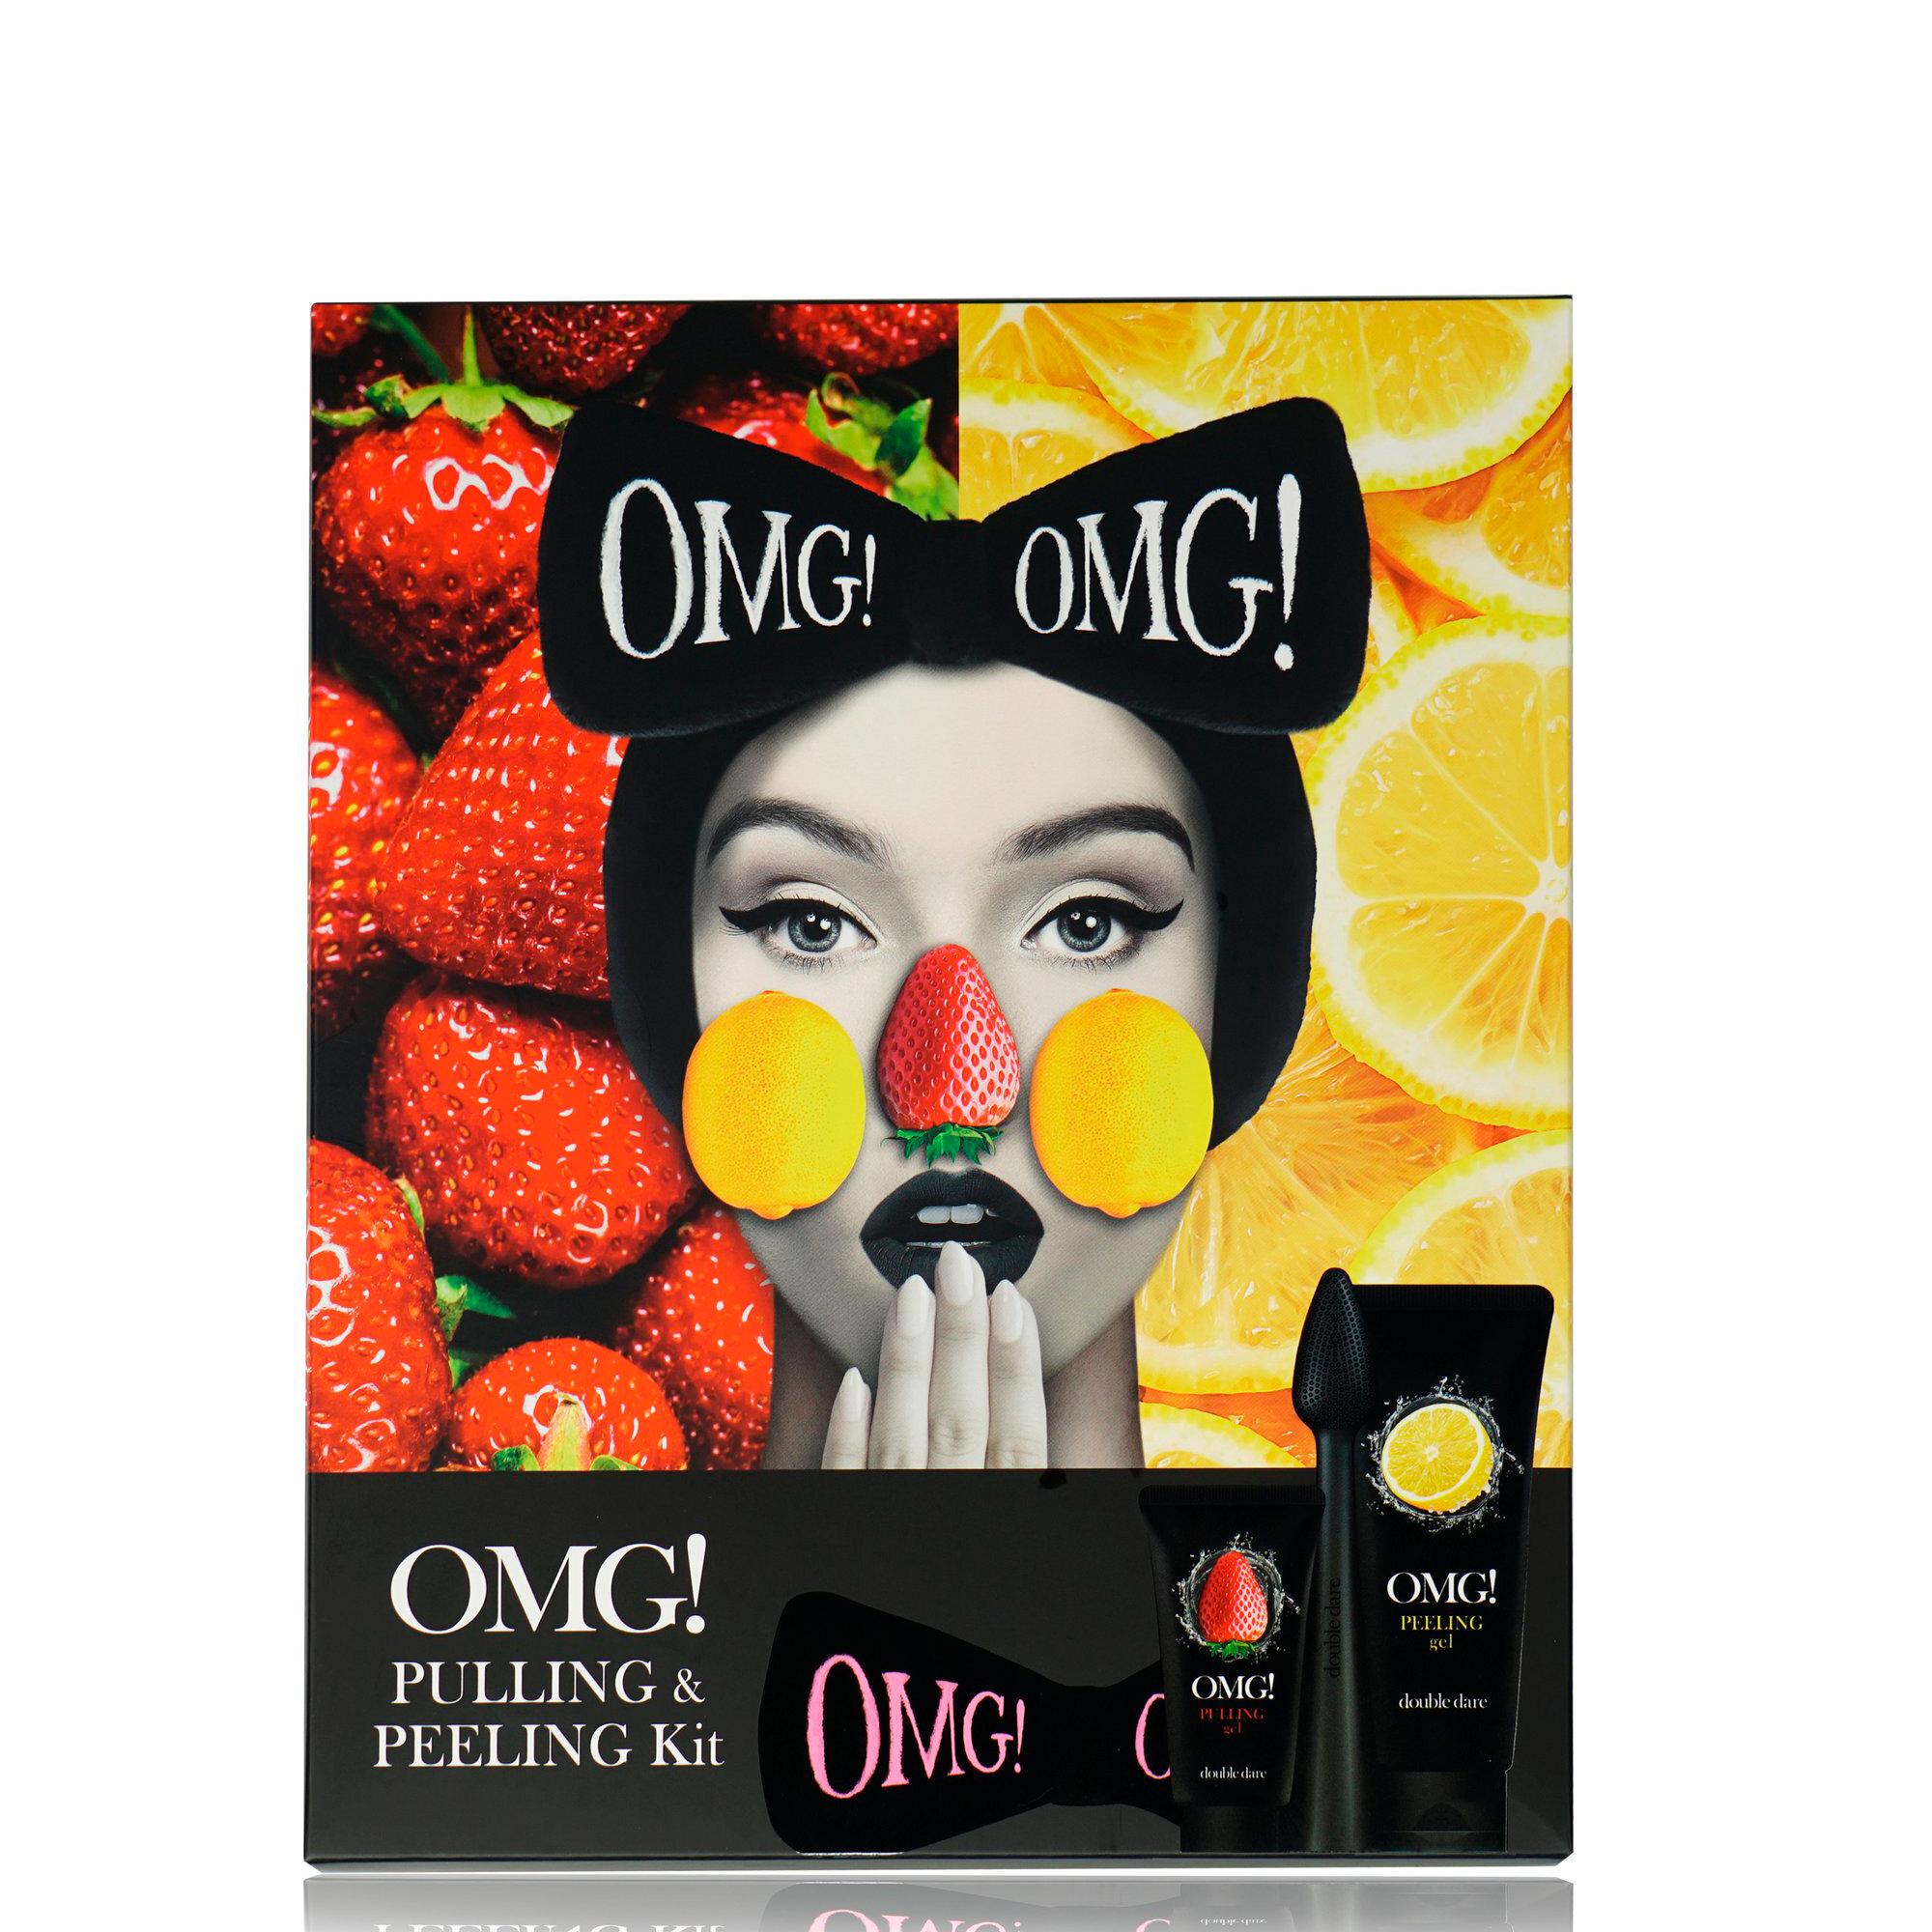 Купить DOUBLE DARE OMG! Набор для лица в подарочной коробке (2 кислотных пилинга 30г + 100 г, щёточка, чёрный бант-повязка) Double Dare OMG! PEELING & PULLING KIT